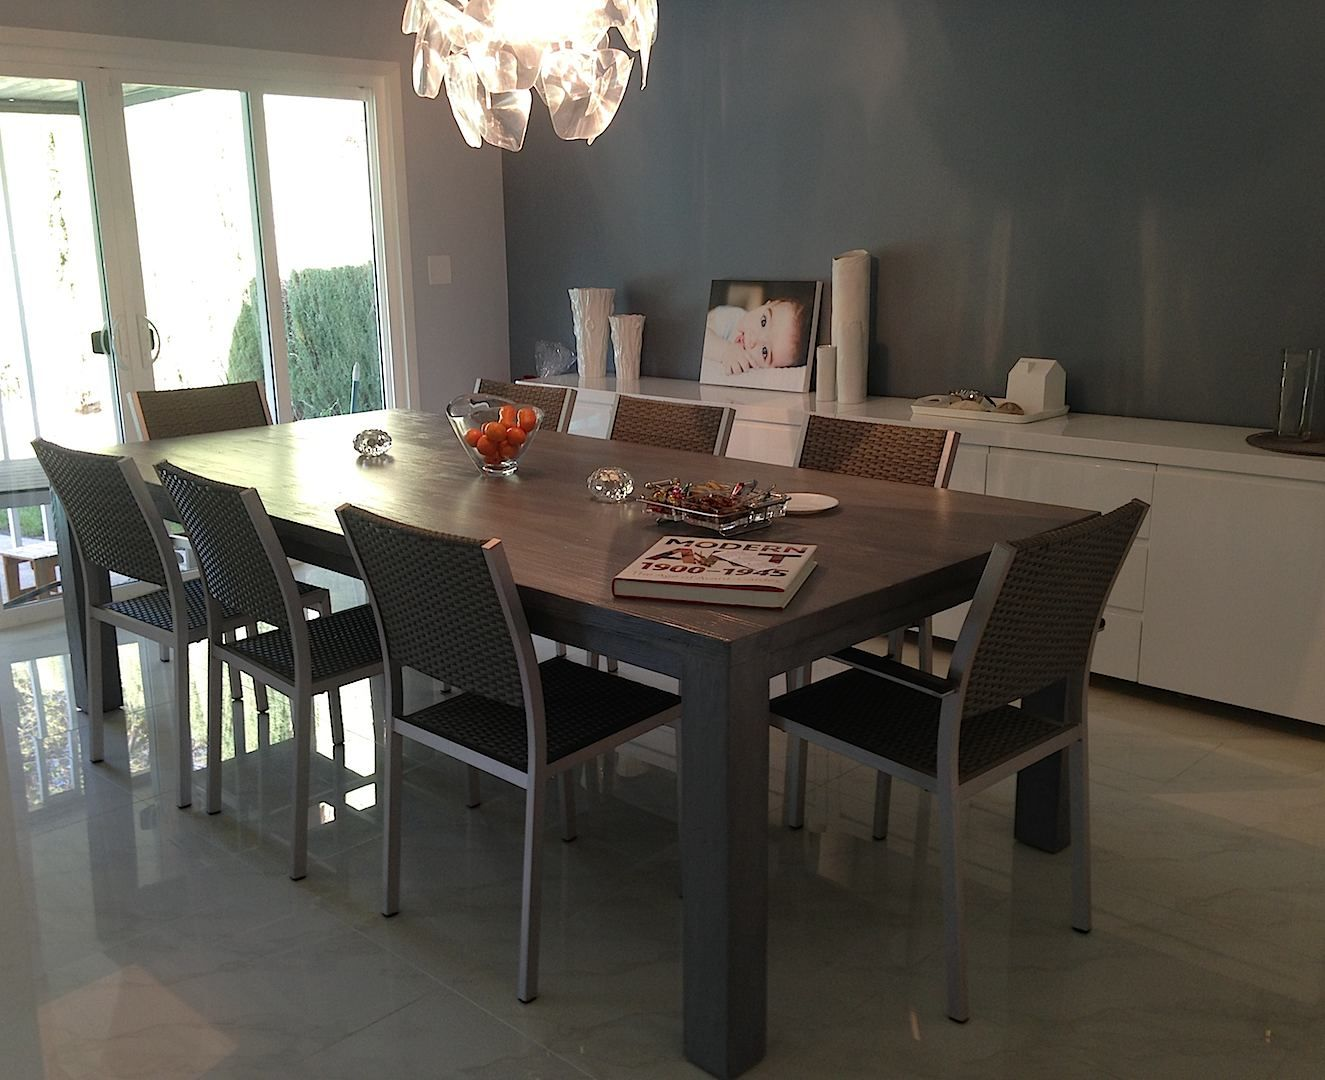 Urban Modern Dining Room Roca Dining Table Dining Room Design